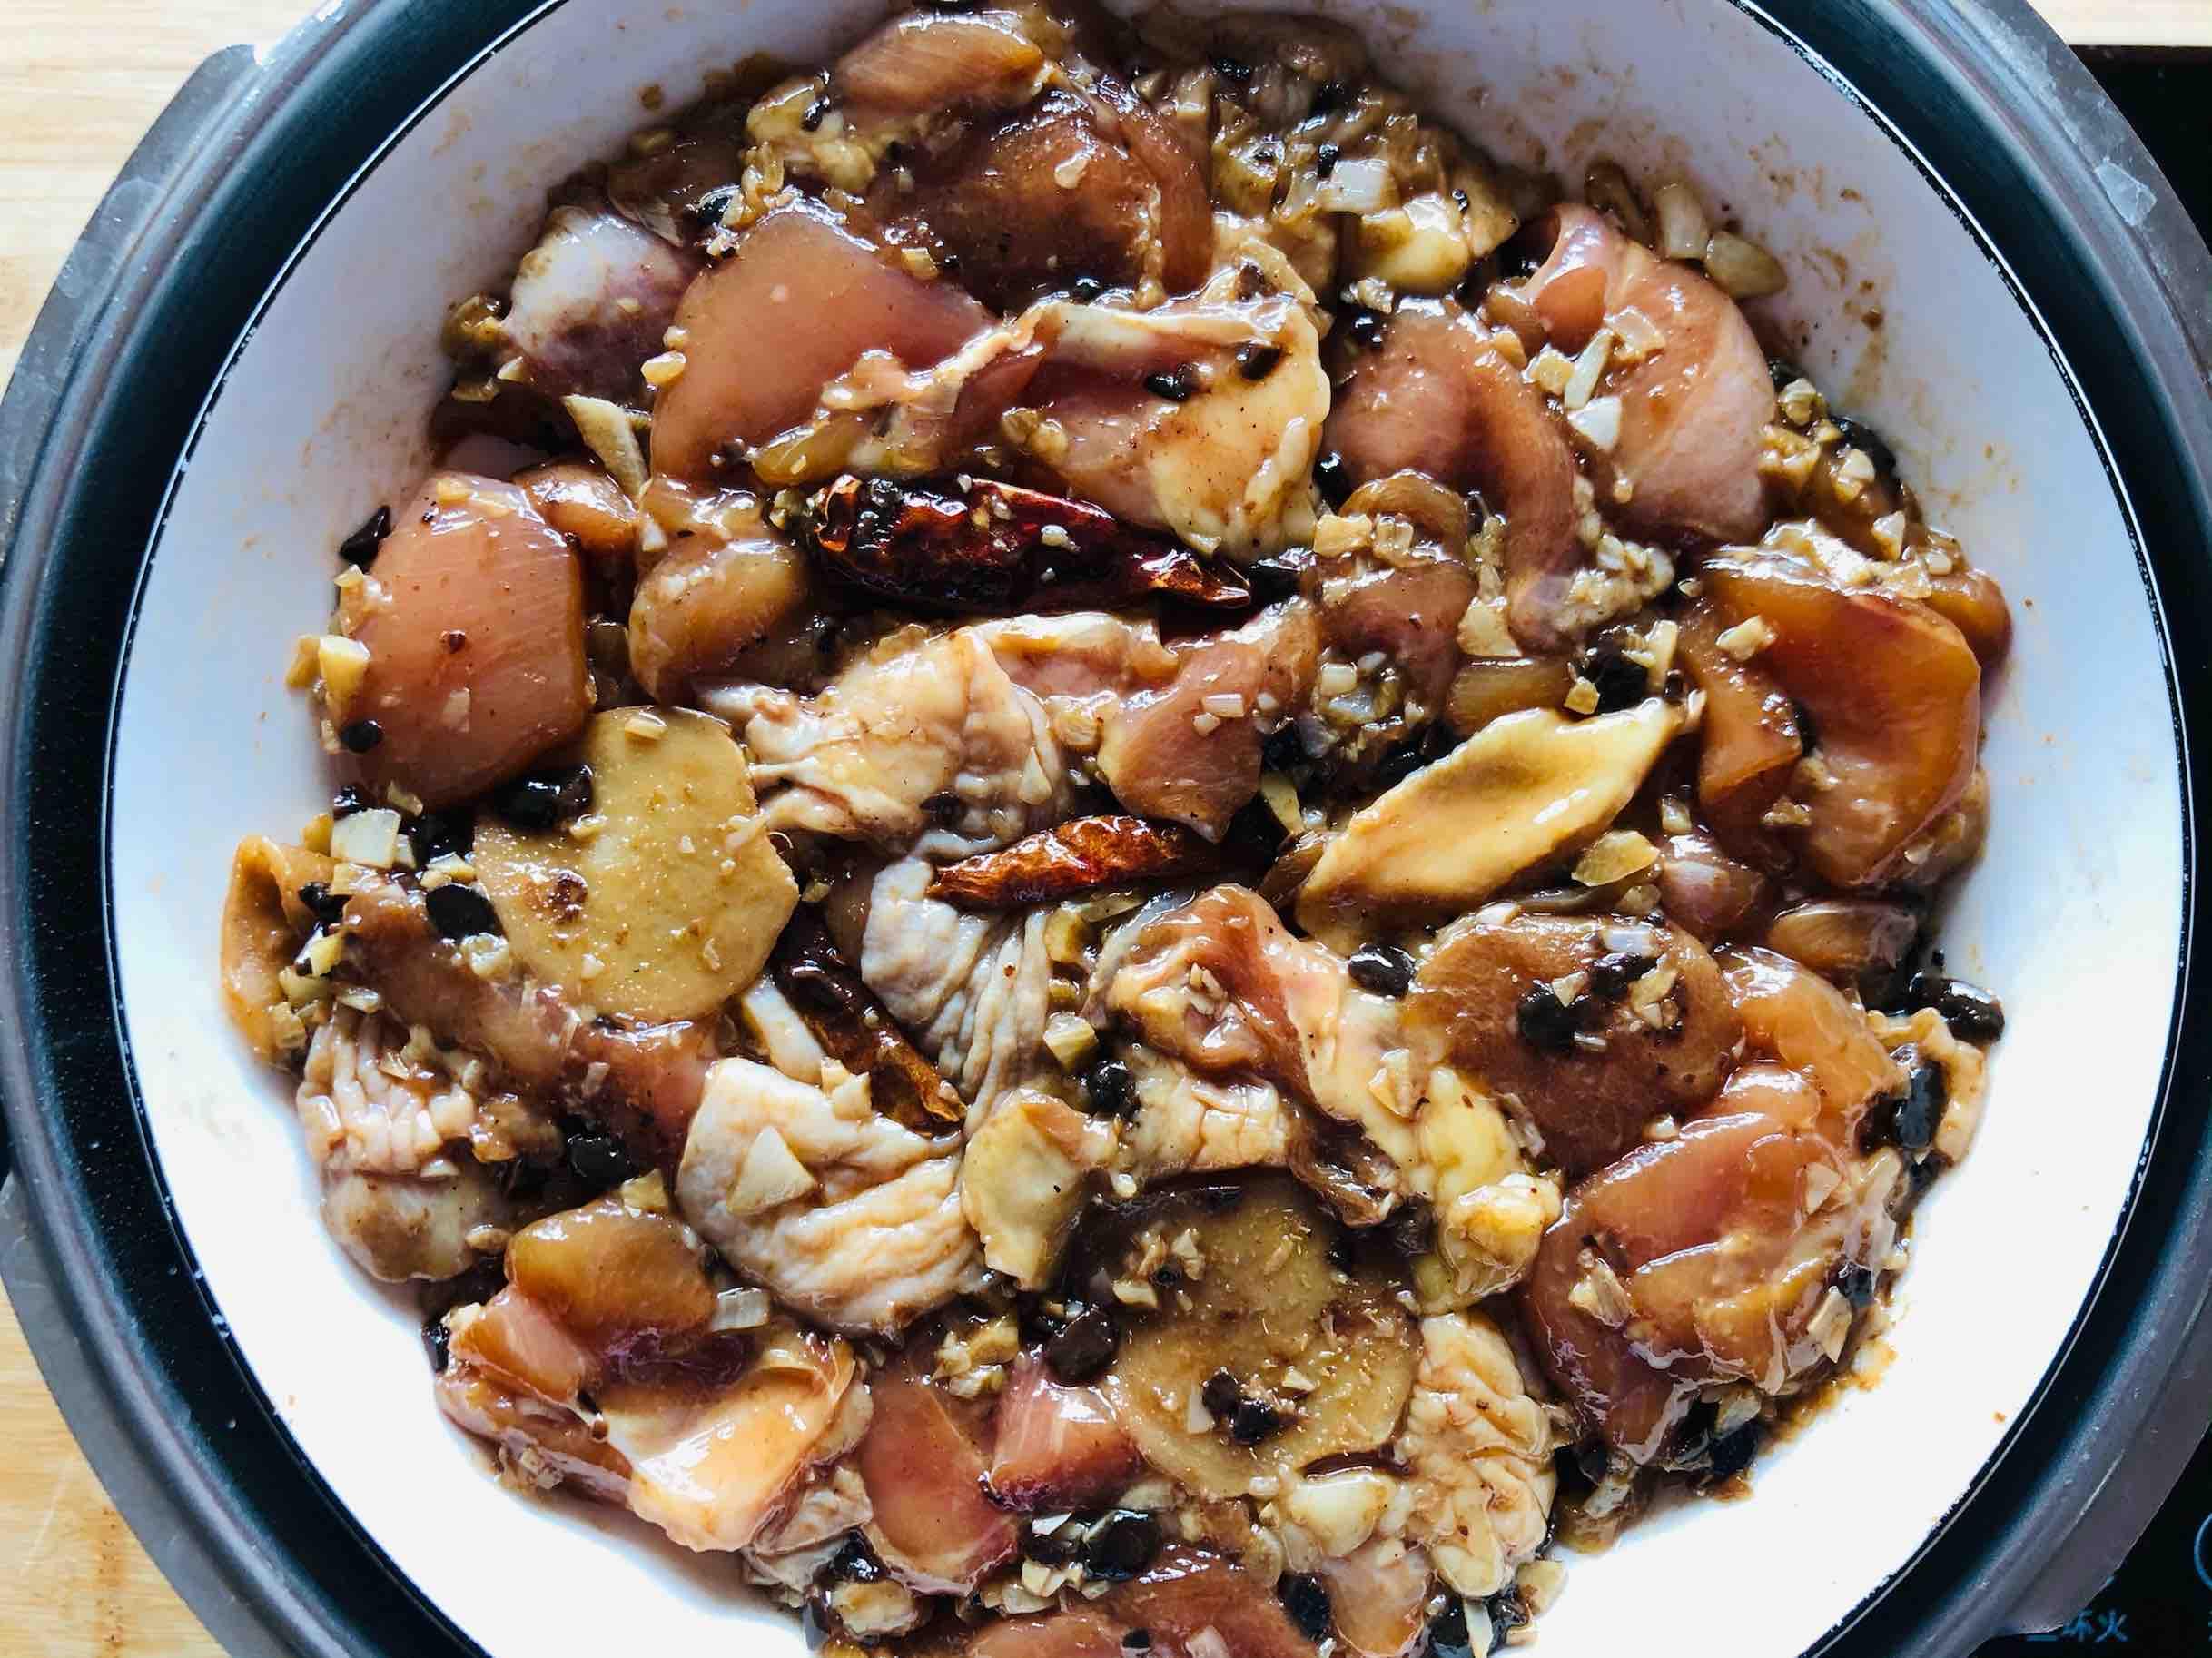 炒菜吃腻了,那就来道豆豉蒸滑鸡吧,简单快手营养不流失的步骤